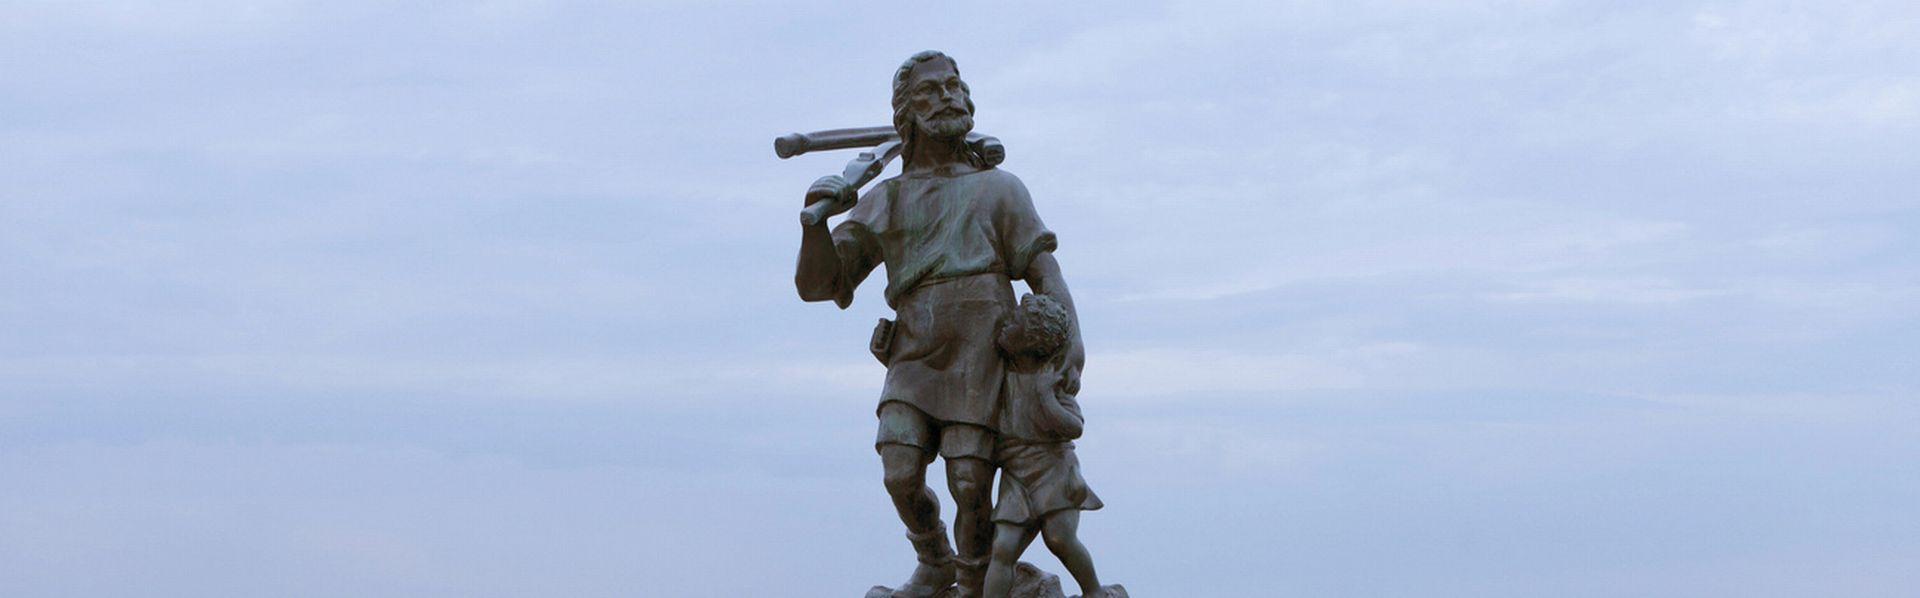 Une copie de la statue de Guillaume Tell installée au large du Bronx, à New York, sur Rat Island. [Gerry Hofstetter - Guillaume Tell]